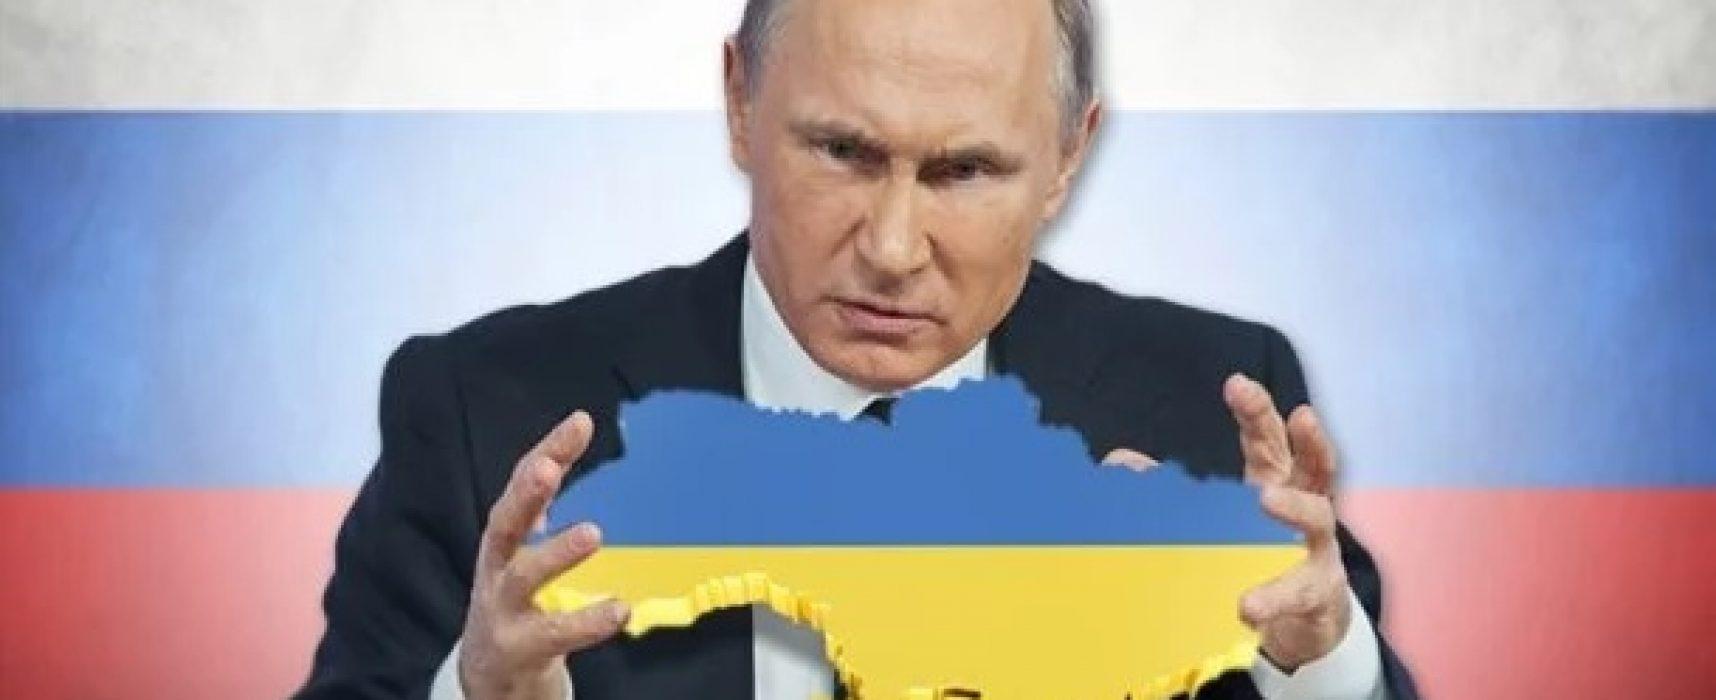 Игорь Яковенко: Об антиукраинских санкциях и любви к «простым украинцам»